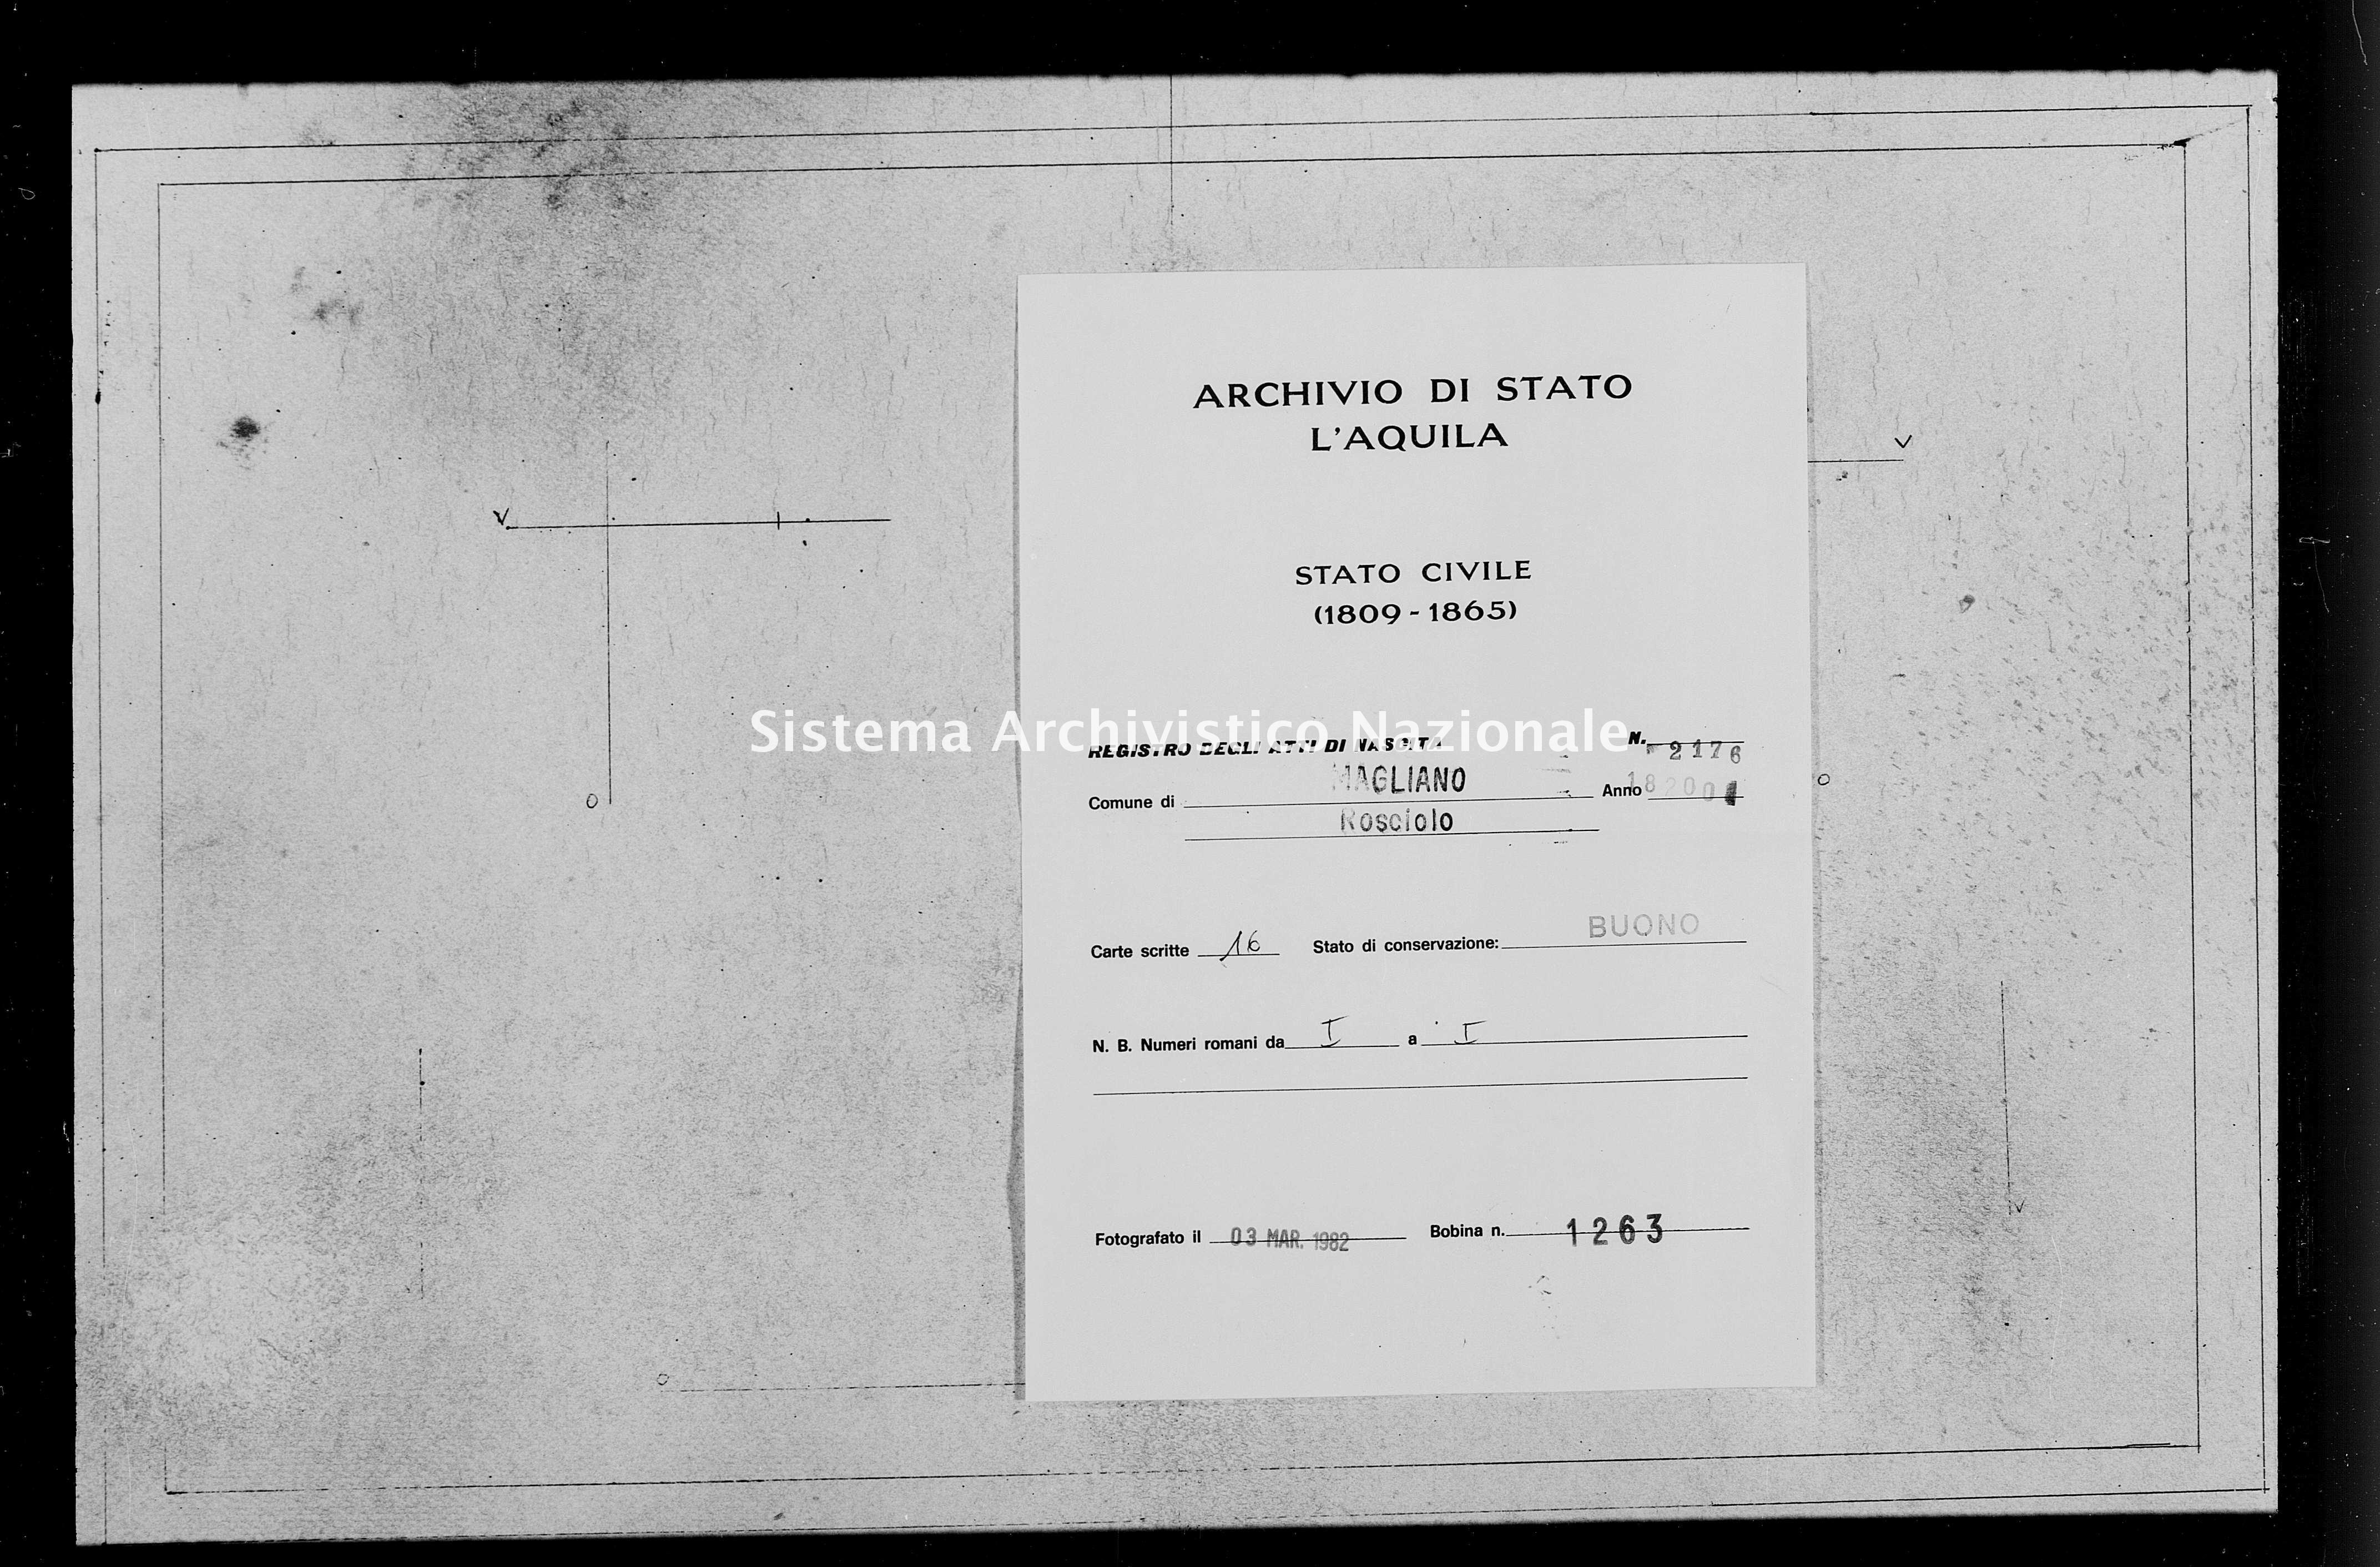 Archivio di stato di L'aquila - Stato civile della restaurazione - Rosciolo - Nati - 1820 - 2176 -